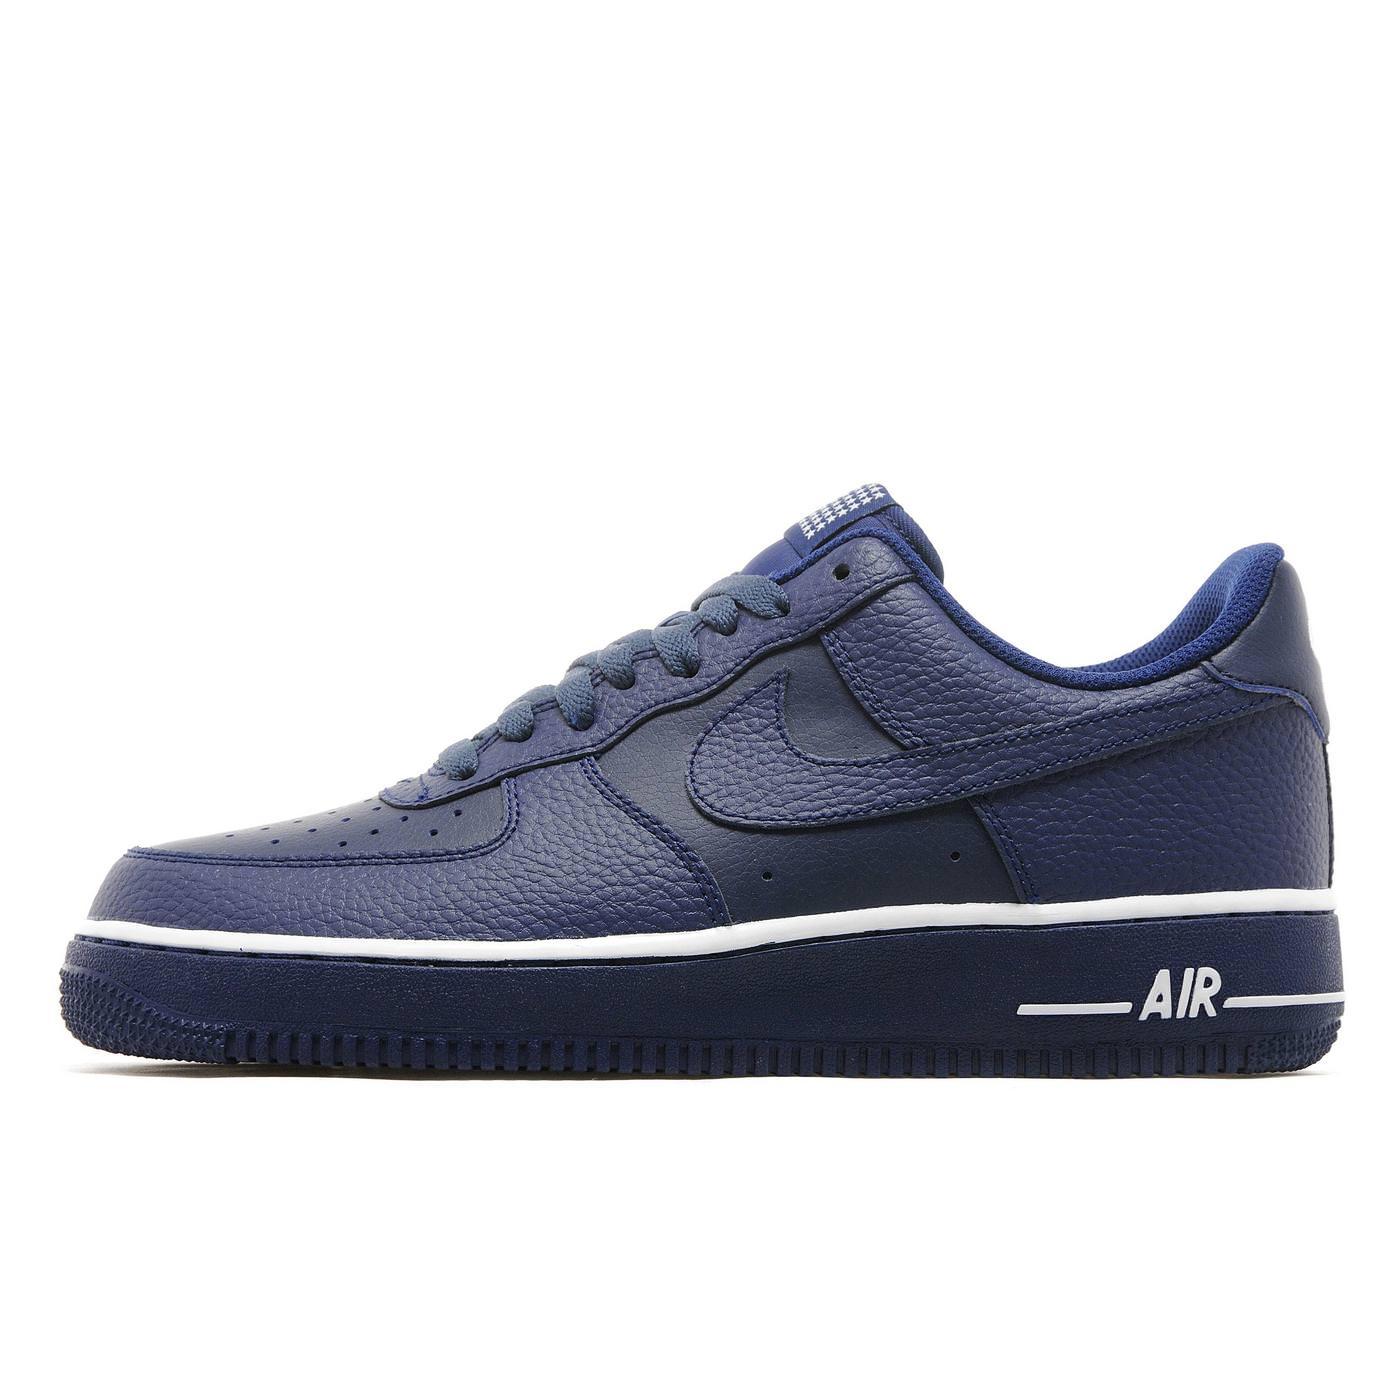 detailed look 8b313 88d27 Nike-Air-Force-1-Pivot-blau-blue.jpg